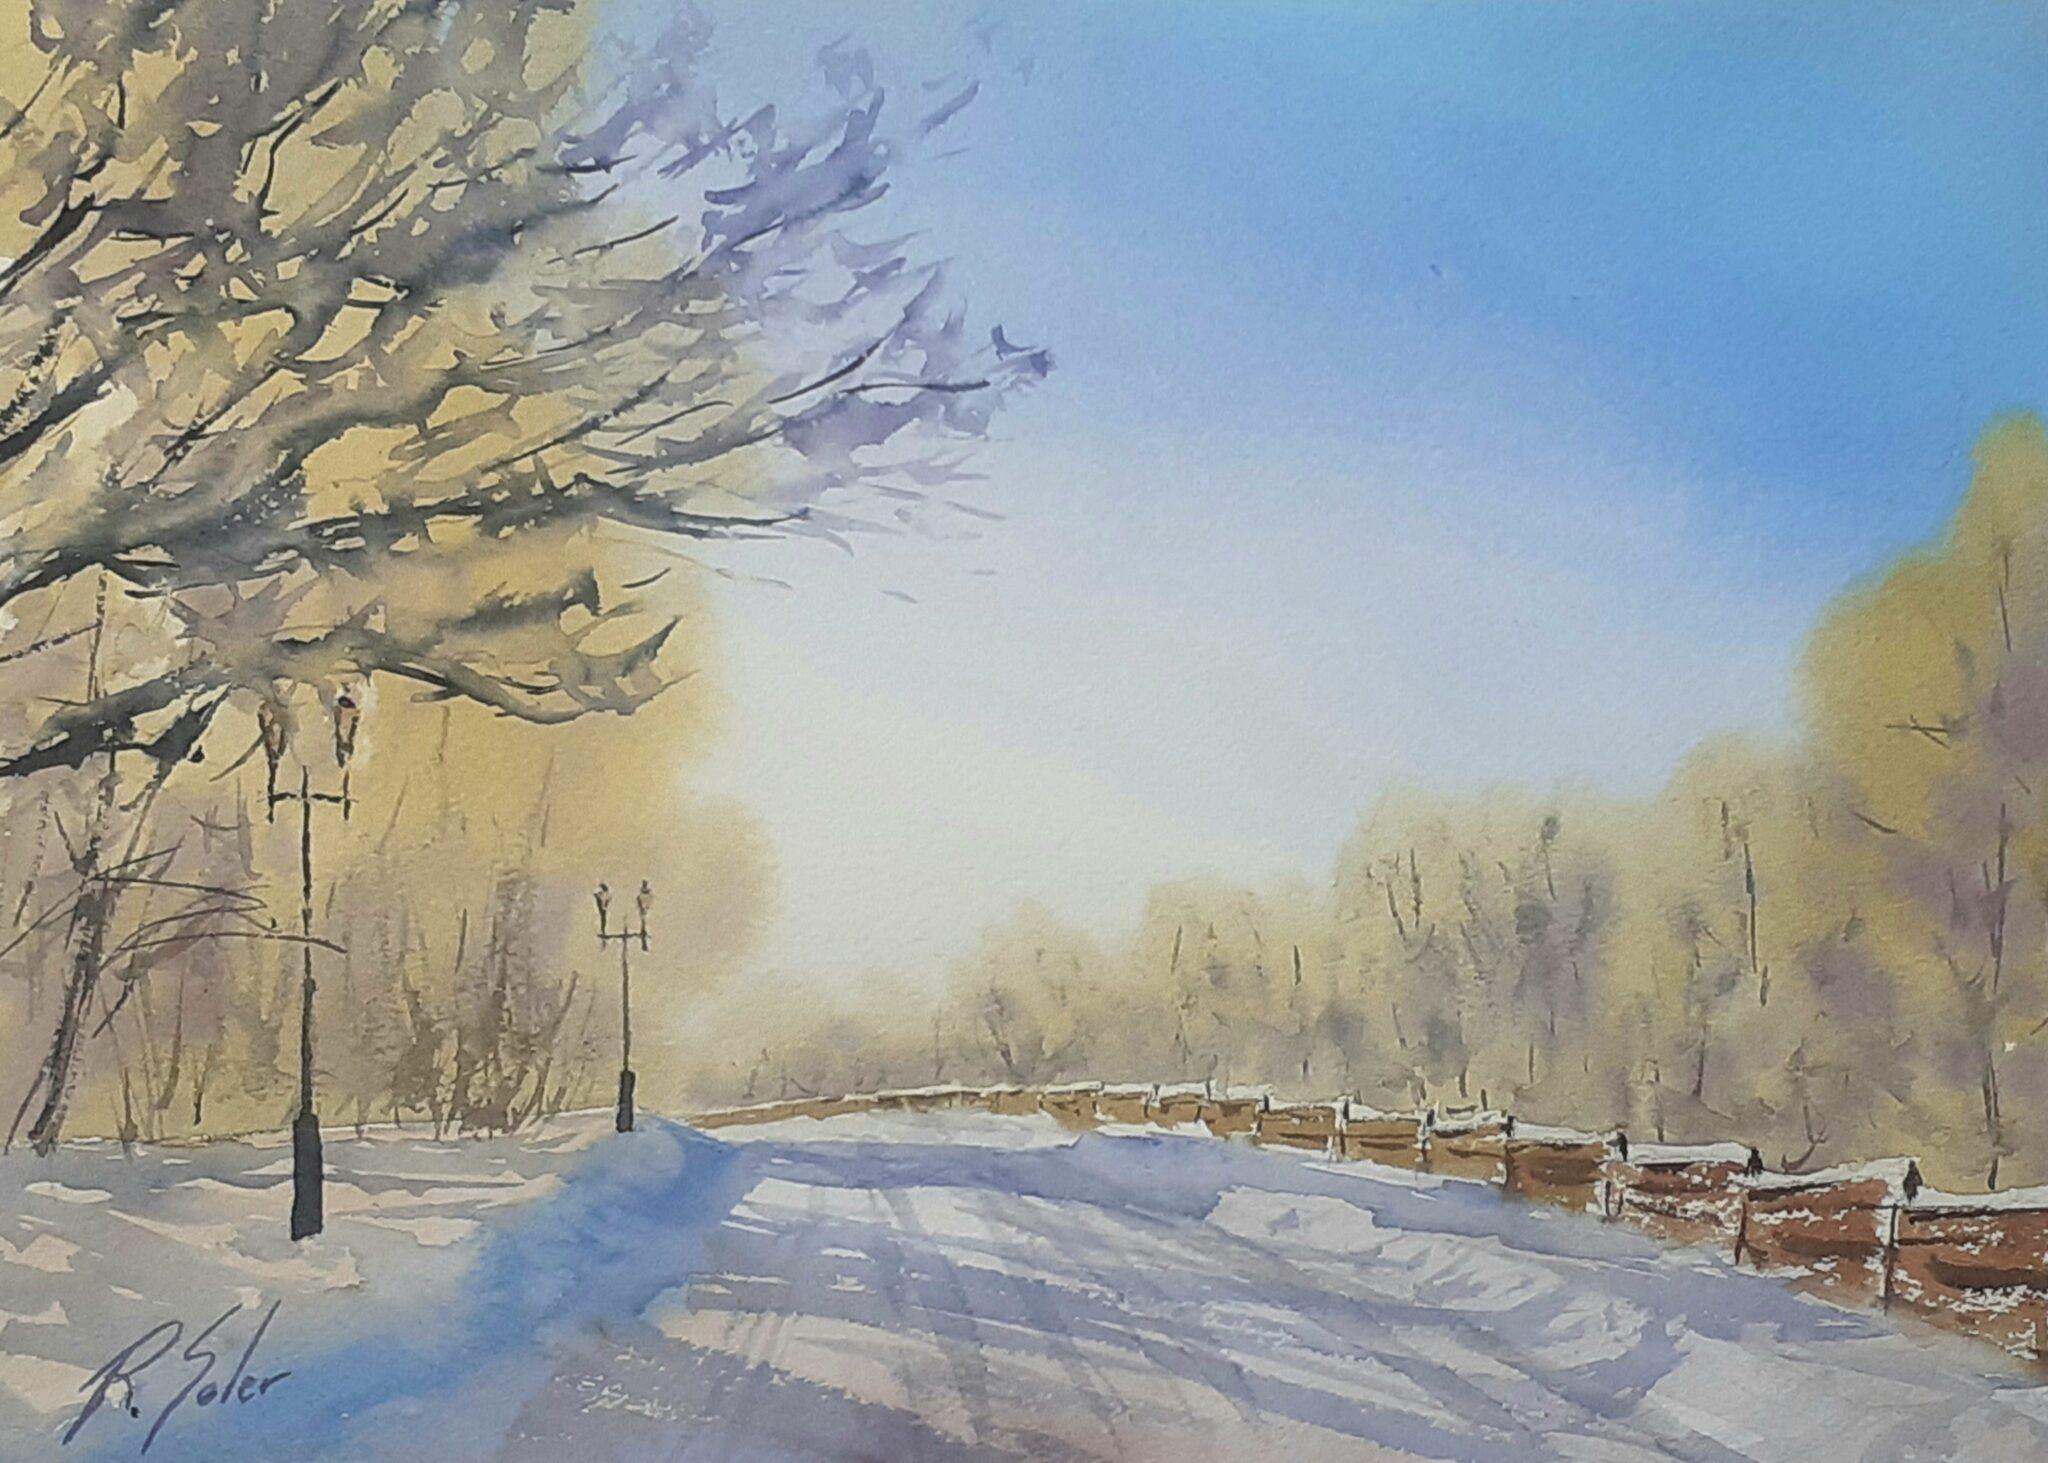 Camí nevat, 25 x 35 cm. (Disponible)